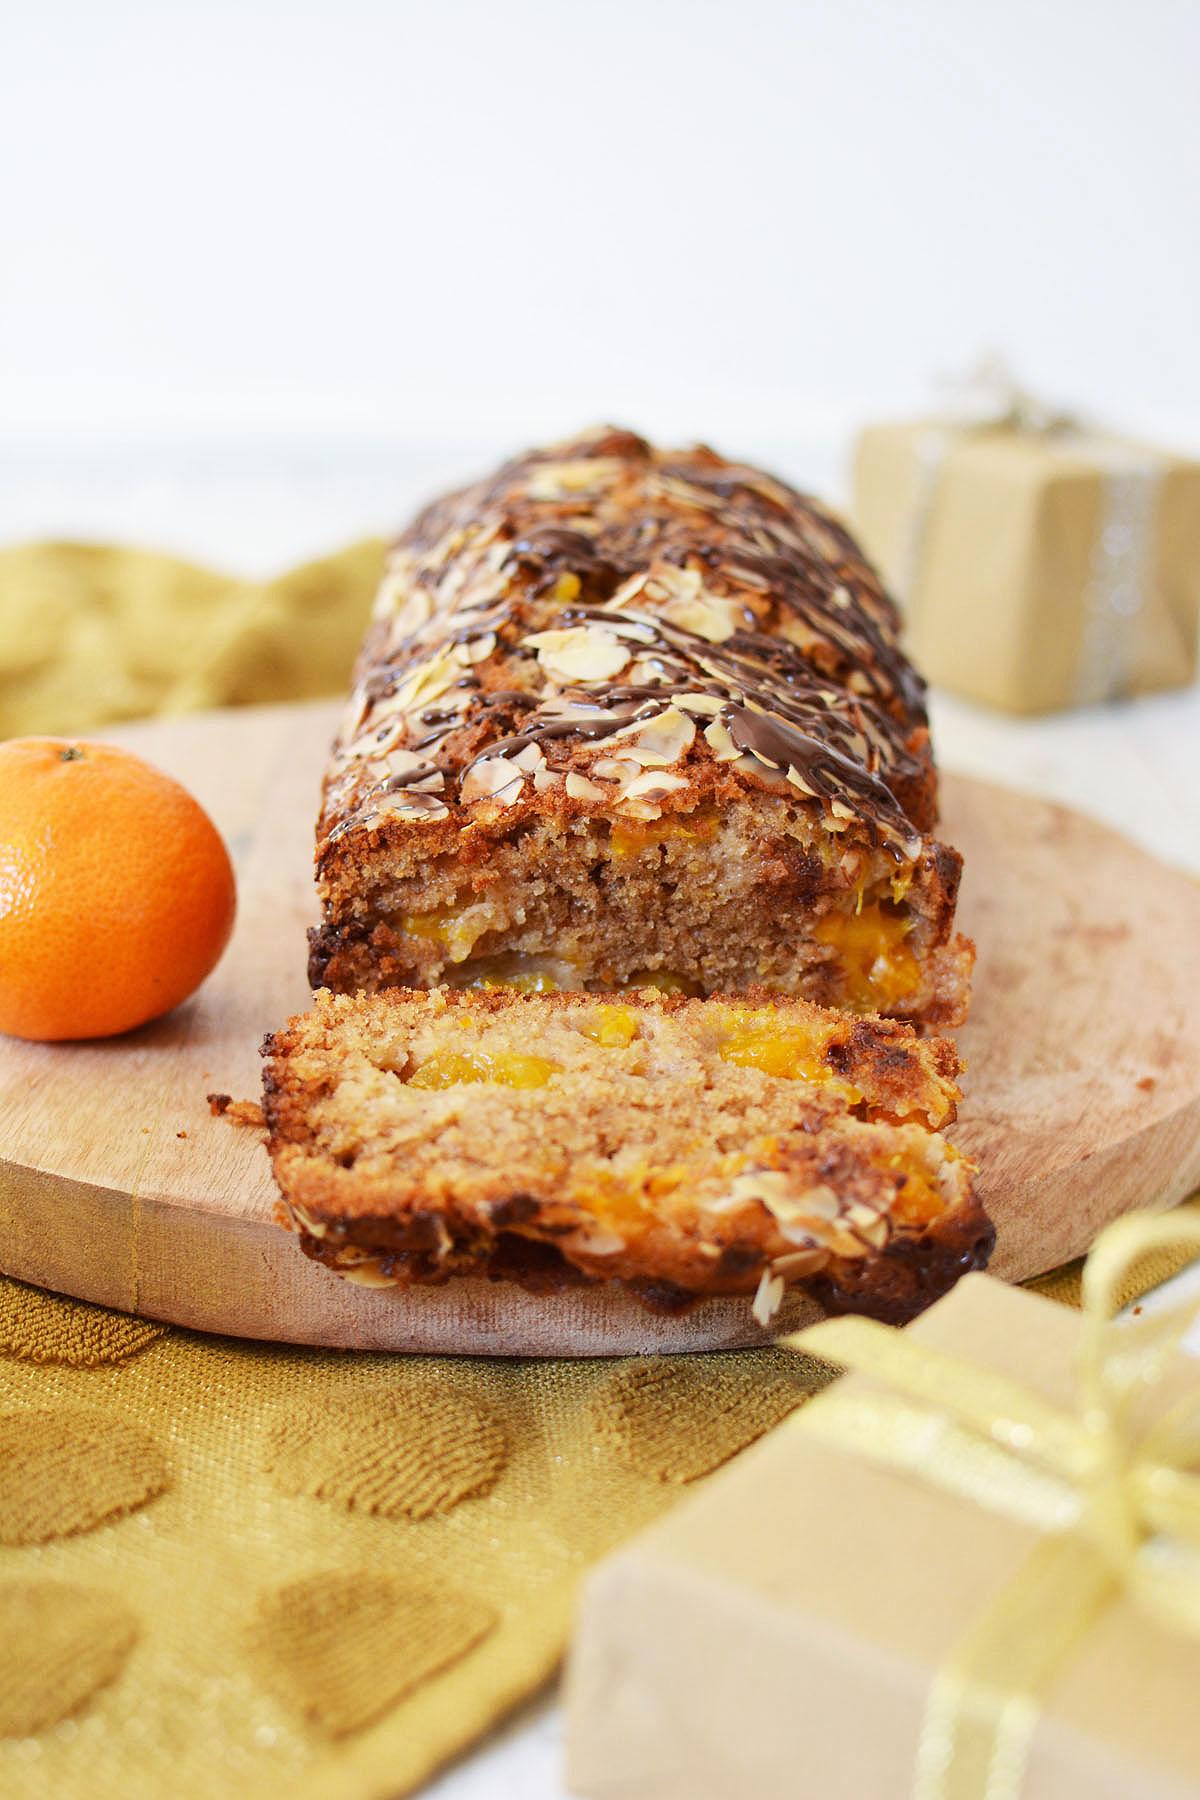 Speculaascake met mandarijn 5 2